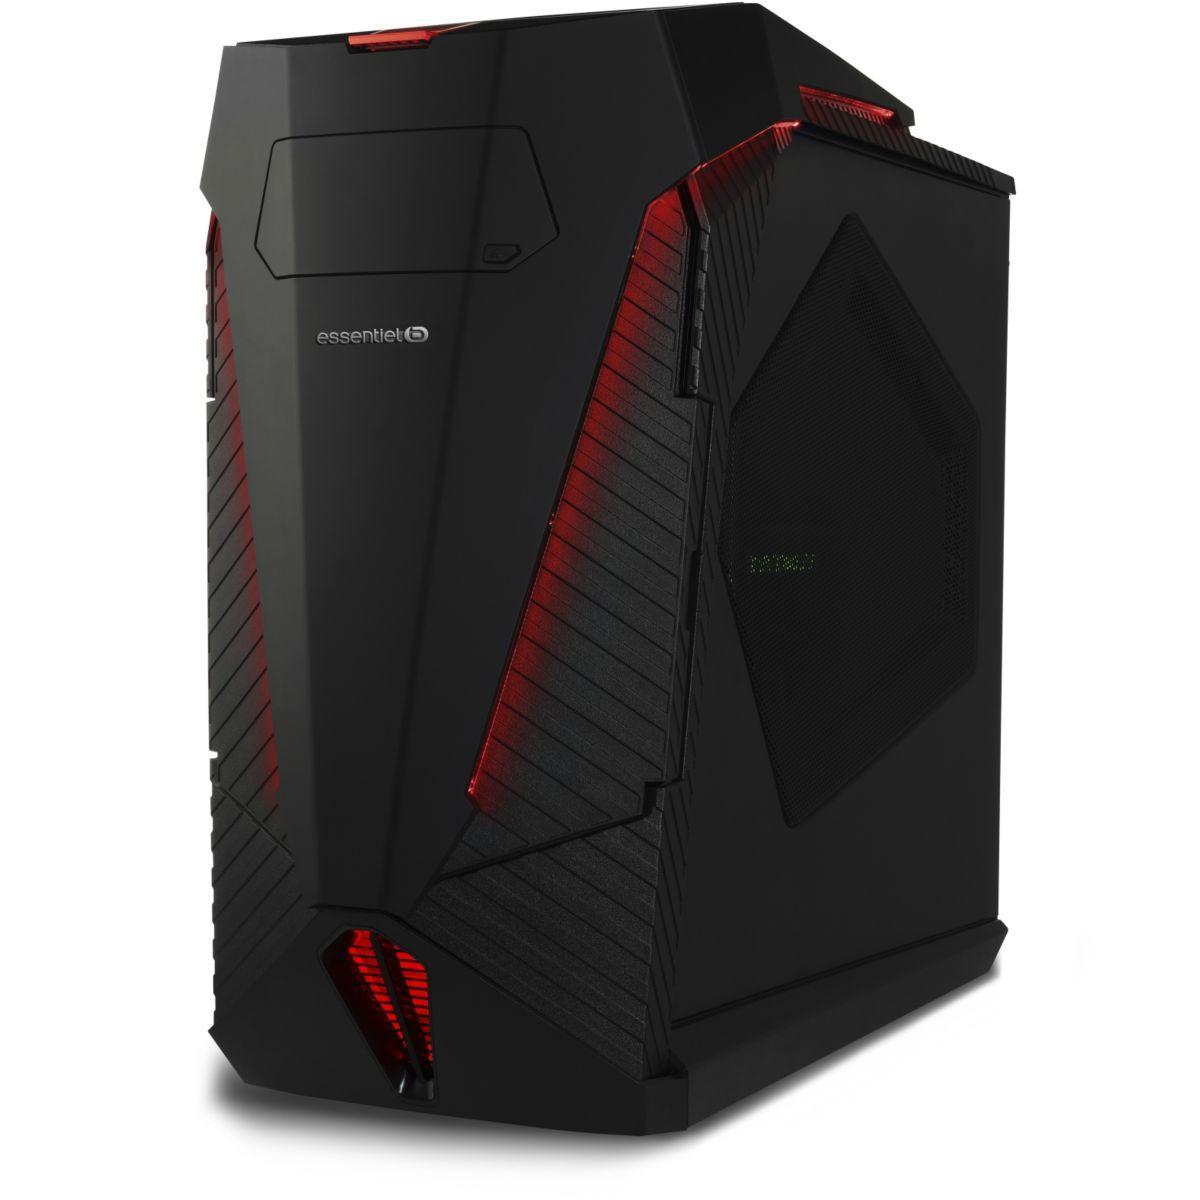 PC gamer ESSENTIELB Dark'Desk 1005-1